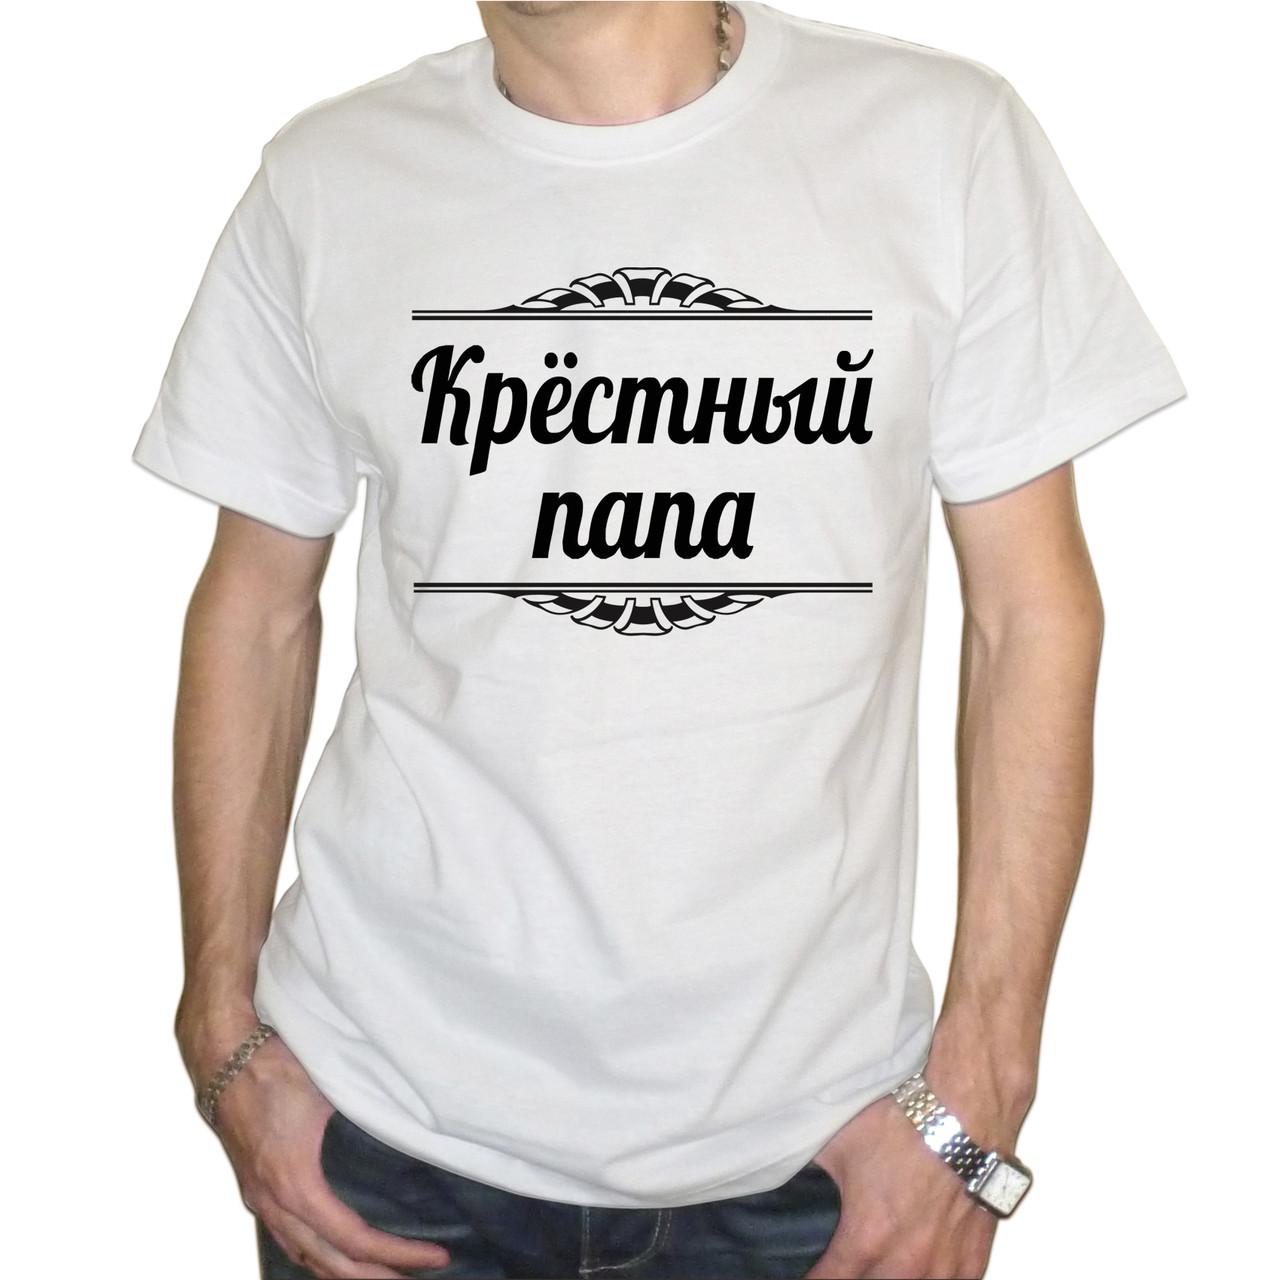 """Чоловіча футболка """"Хрещений батько"""""""